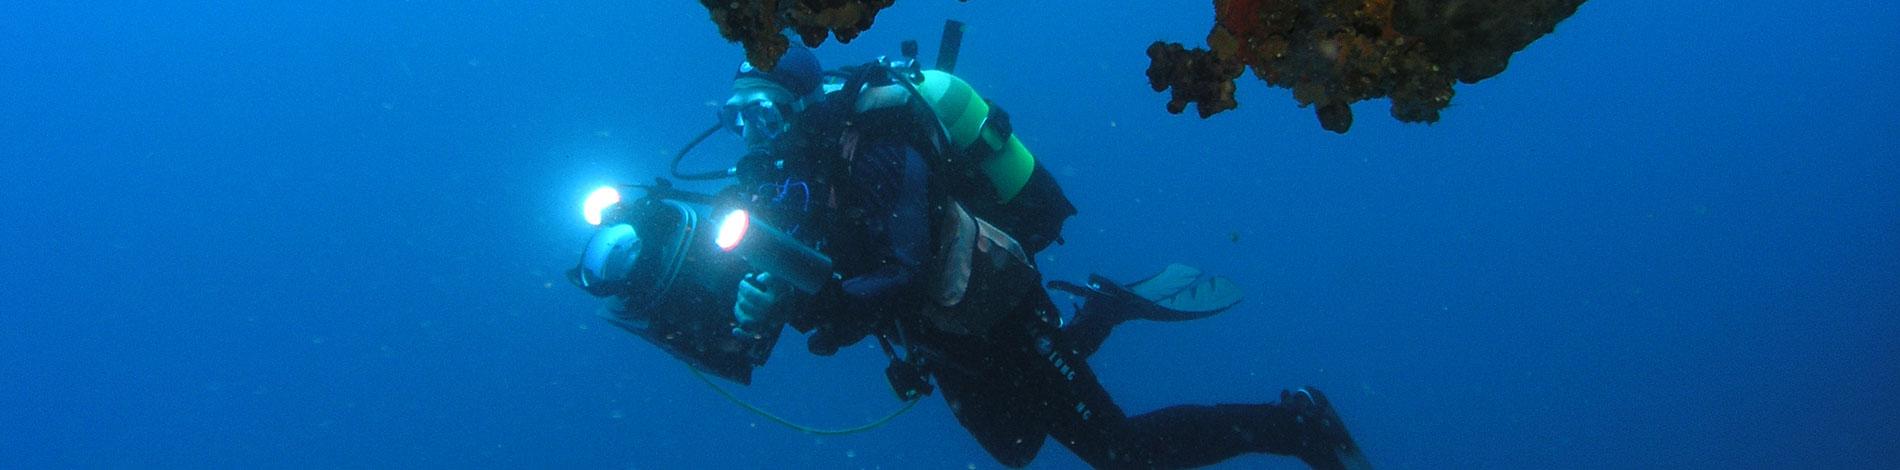 Unterwasser Aufnahmen